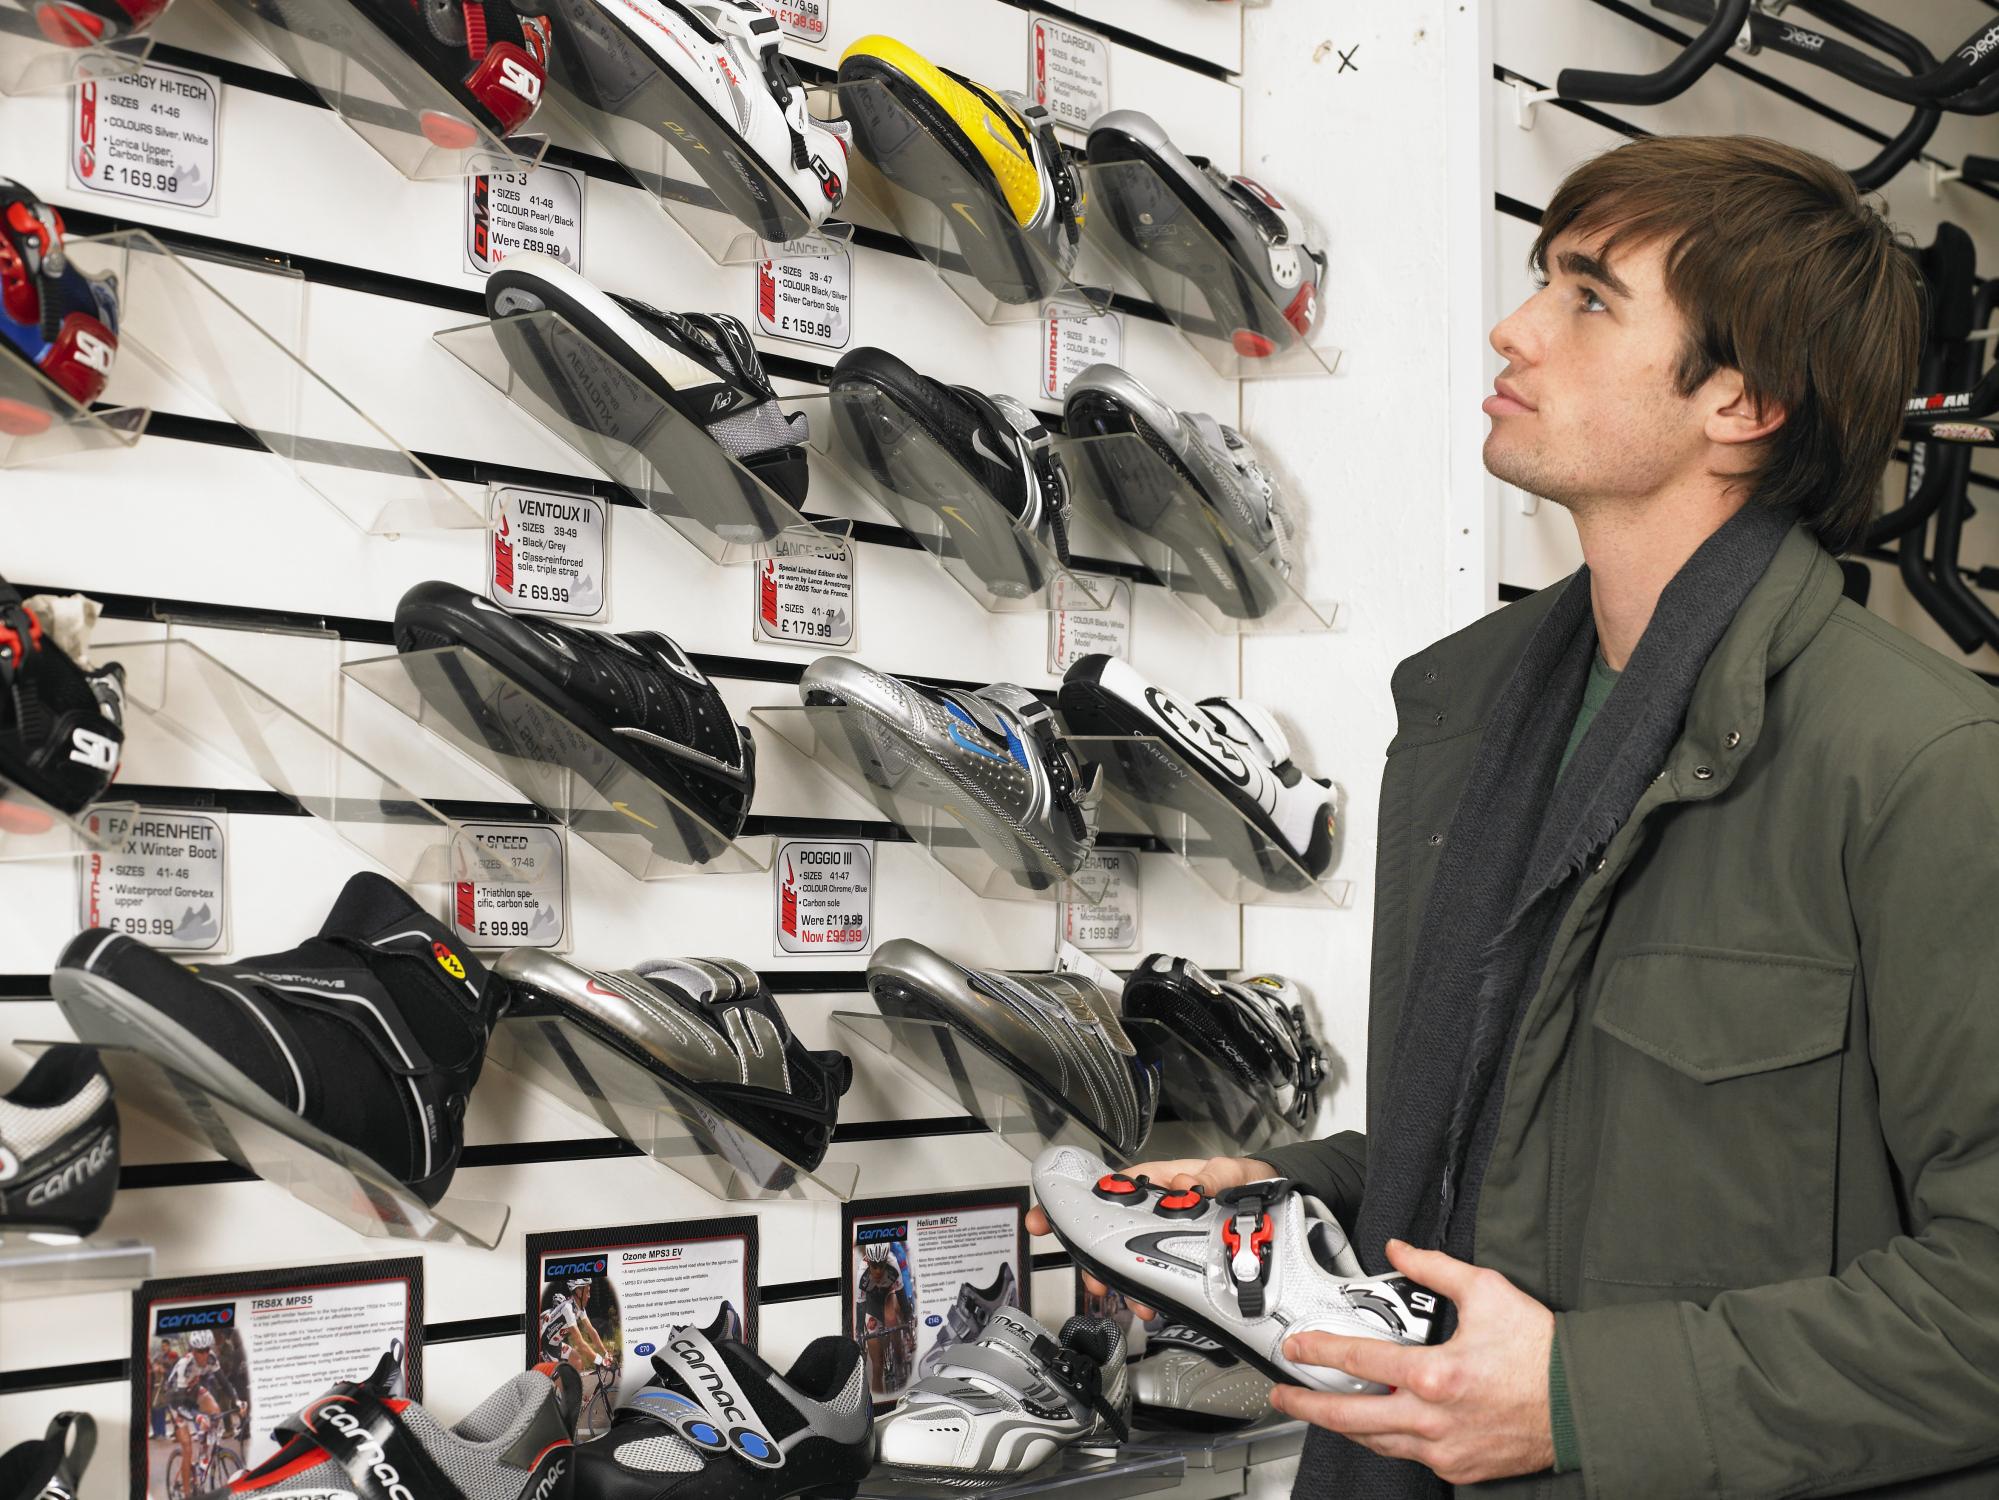 Reconocer Zapatillas Reconocer Cómo Cómo Falsas Cómo Nike Reconocer Zapatillas Zapatillas Nike Falsas wZXiTOPlku